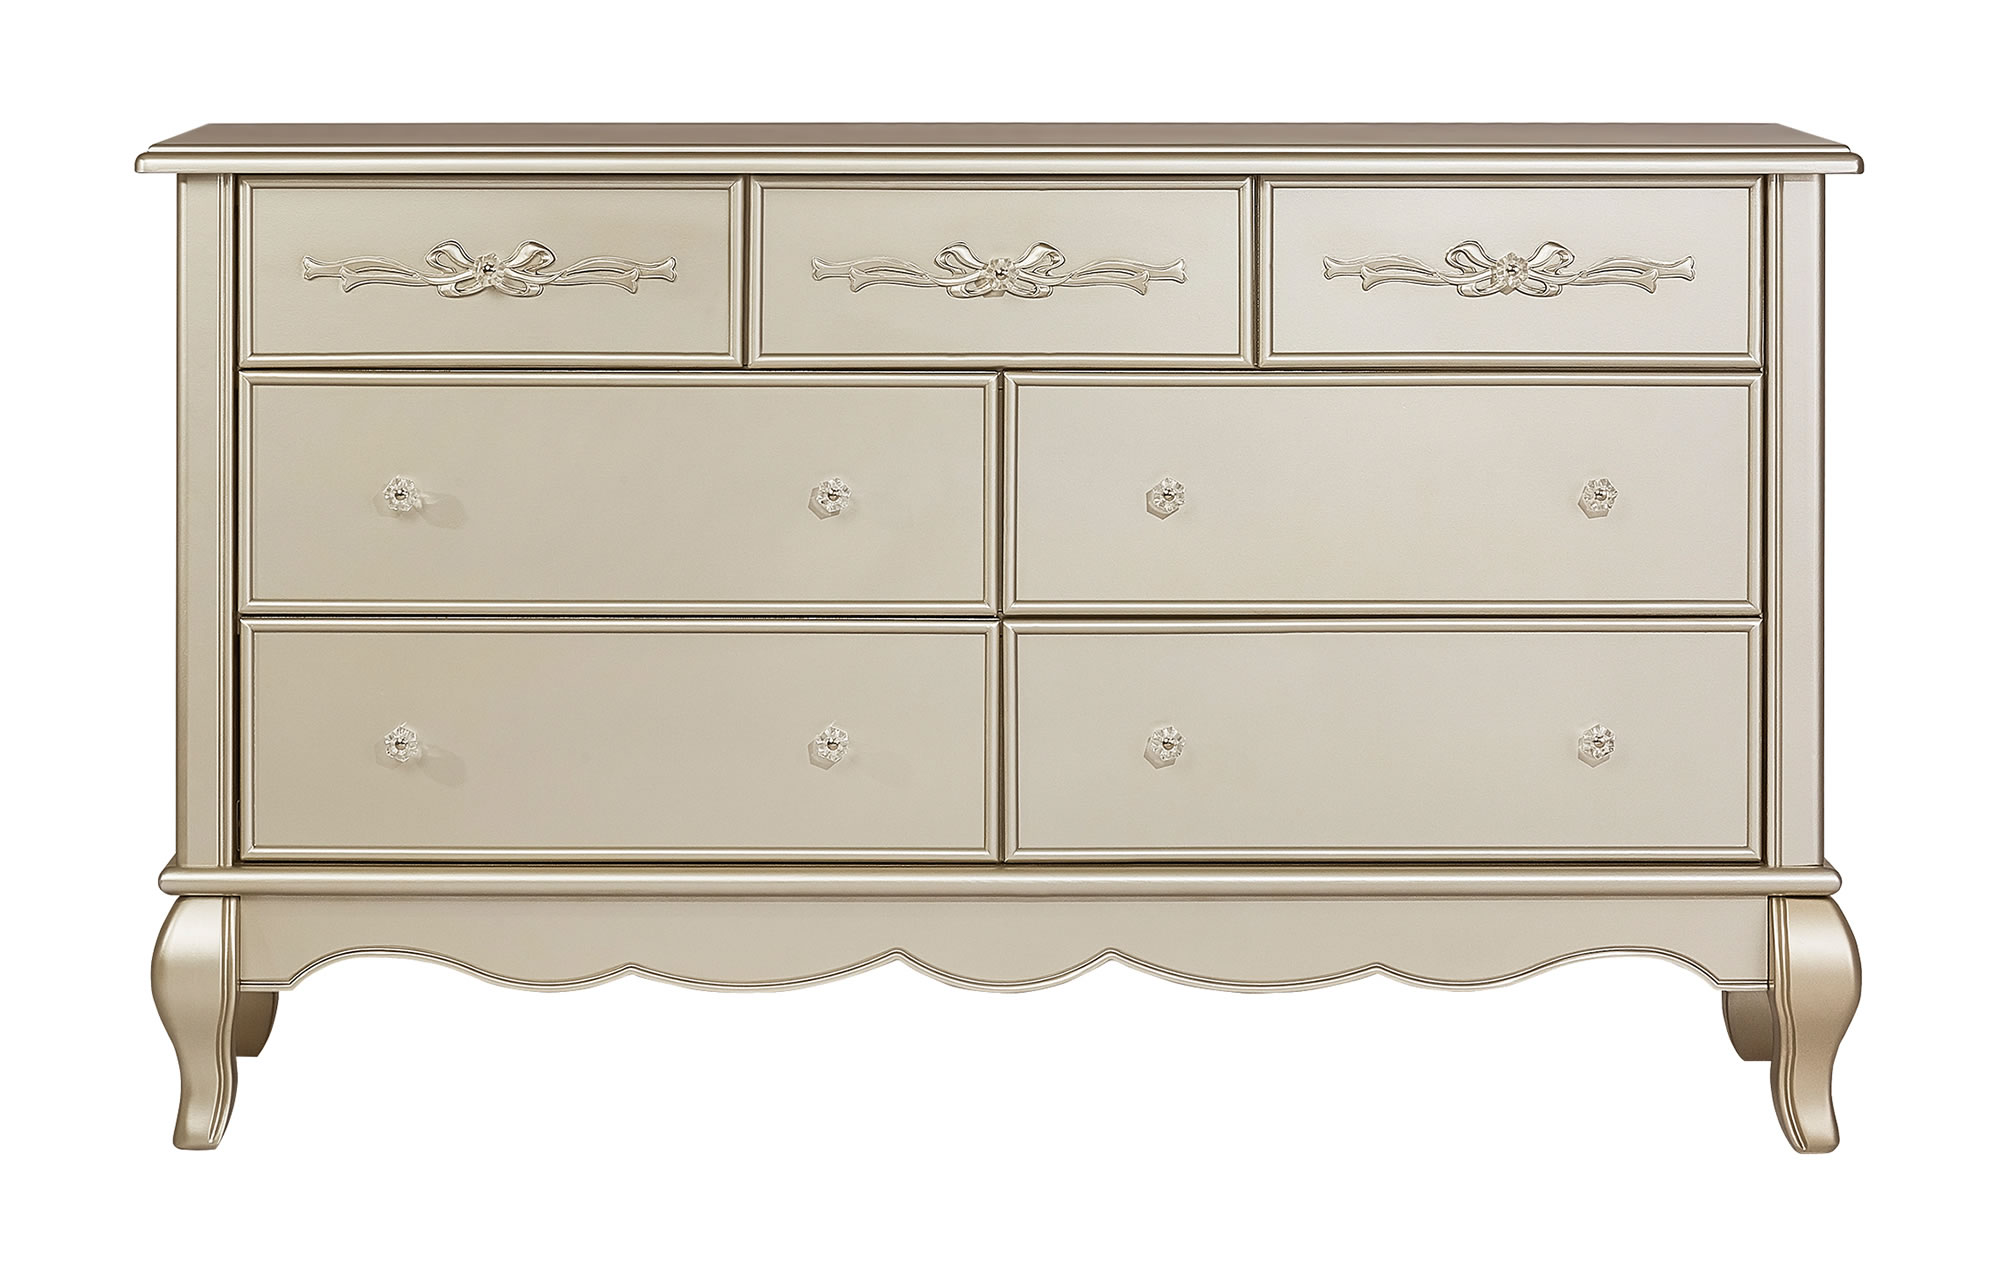 833-GD Evolur Aurora Double Dresser Silo Front